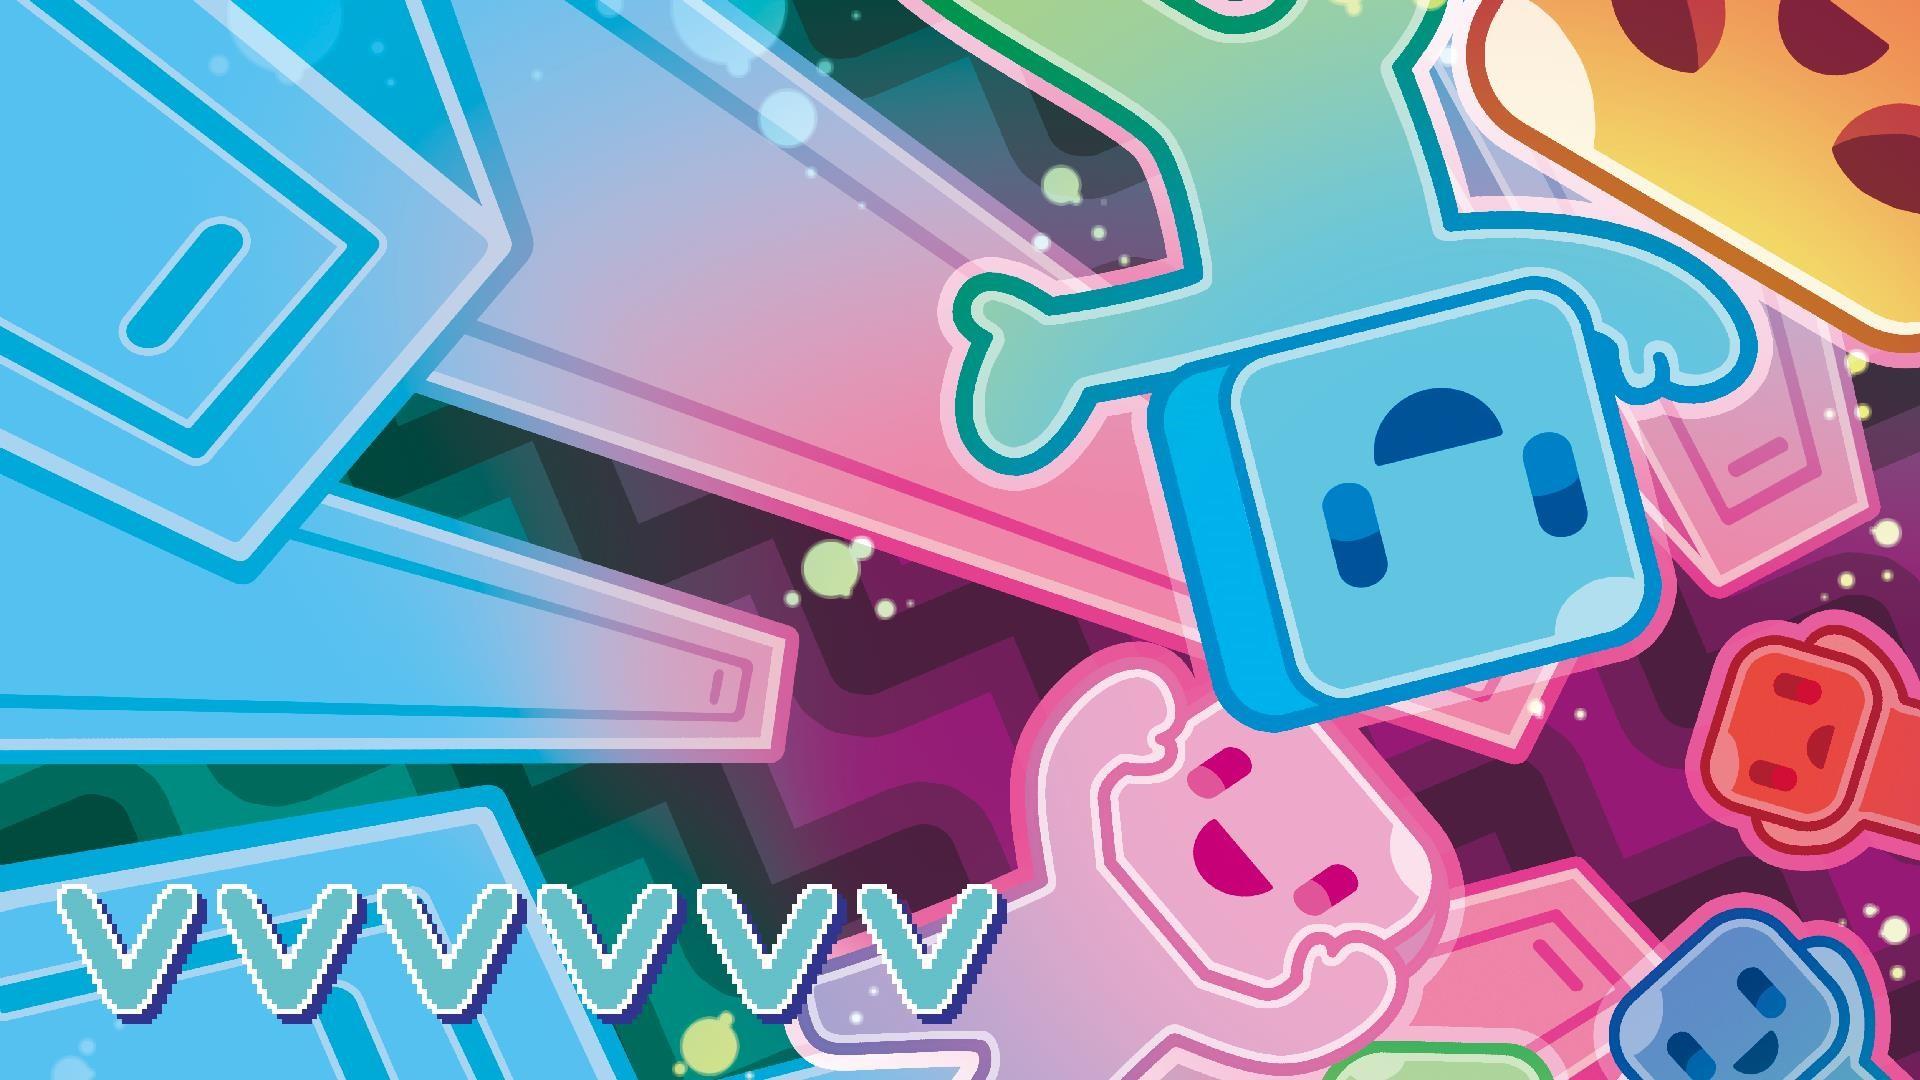 とにかく死にまくる理不尽設計 2D即死ゲー『VVVVVV』Nintendo Switchで配信